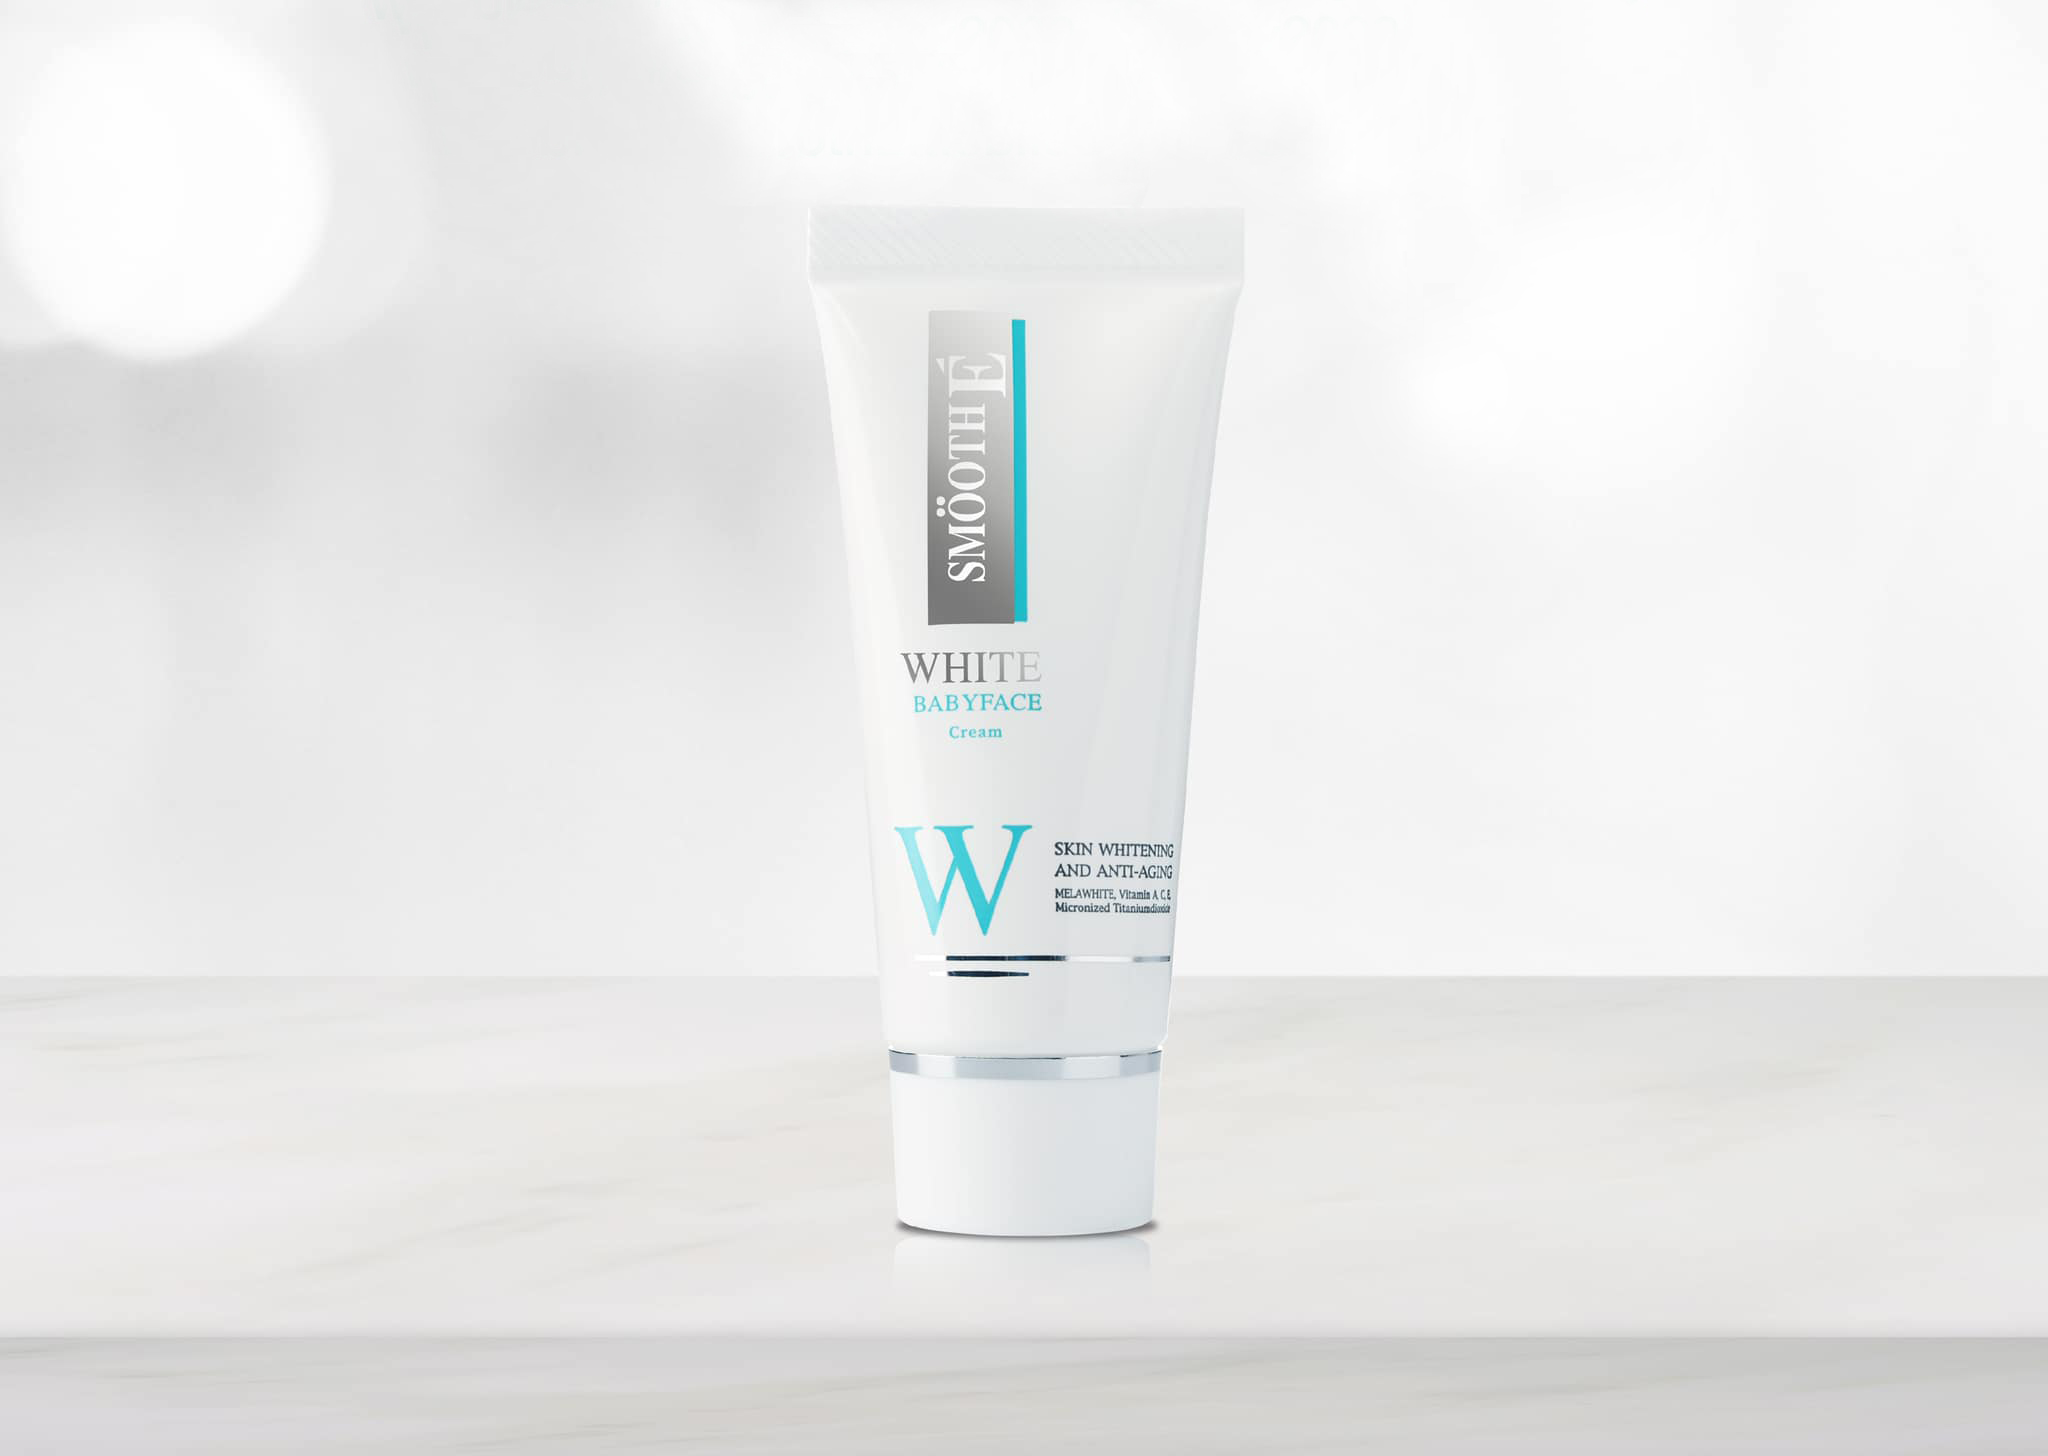 Smooth E White Babyface Cream